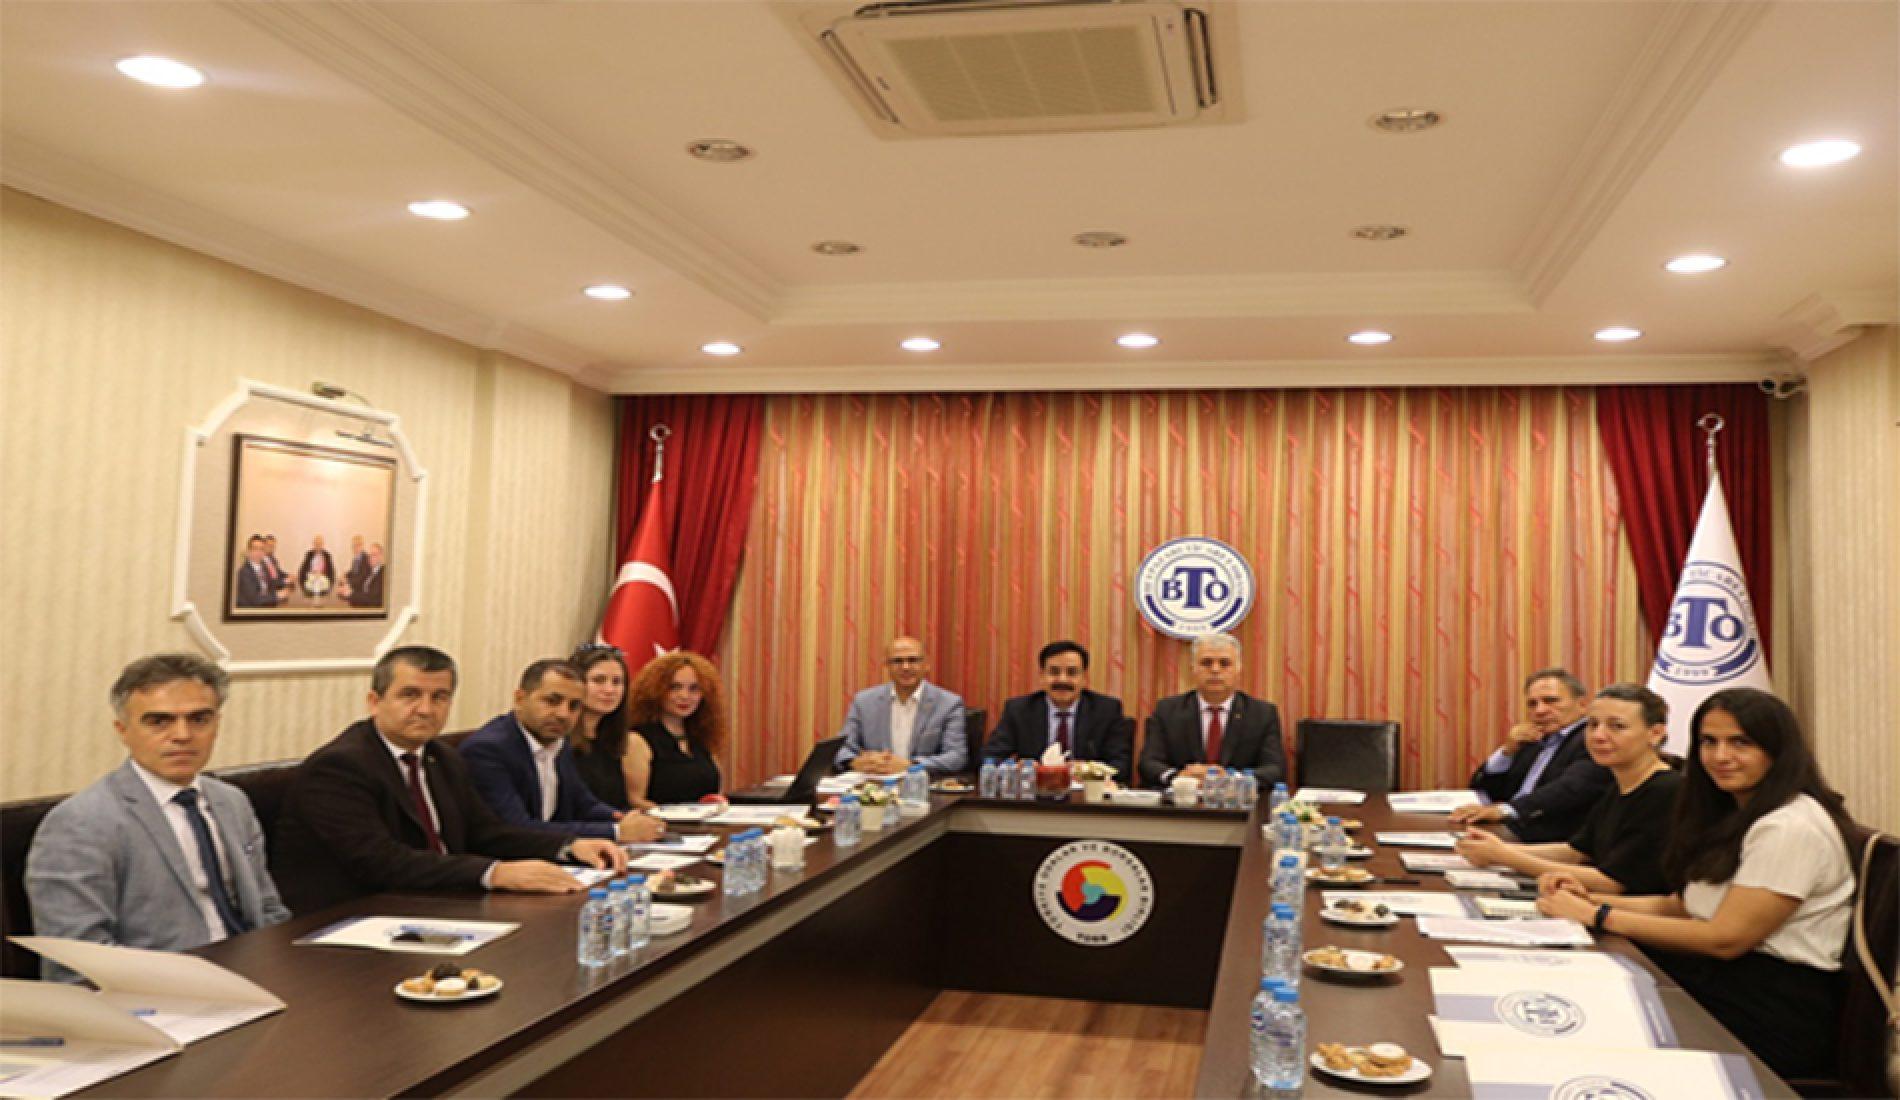 """Mesleki Eğitim ve Beceri Geliştirme İşbirliği (MEGİP) İl Çalışma Grup Toplantısı""""na Borsamız da katıldı…"""